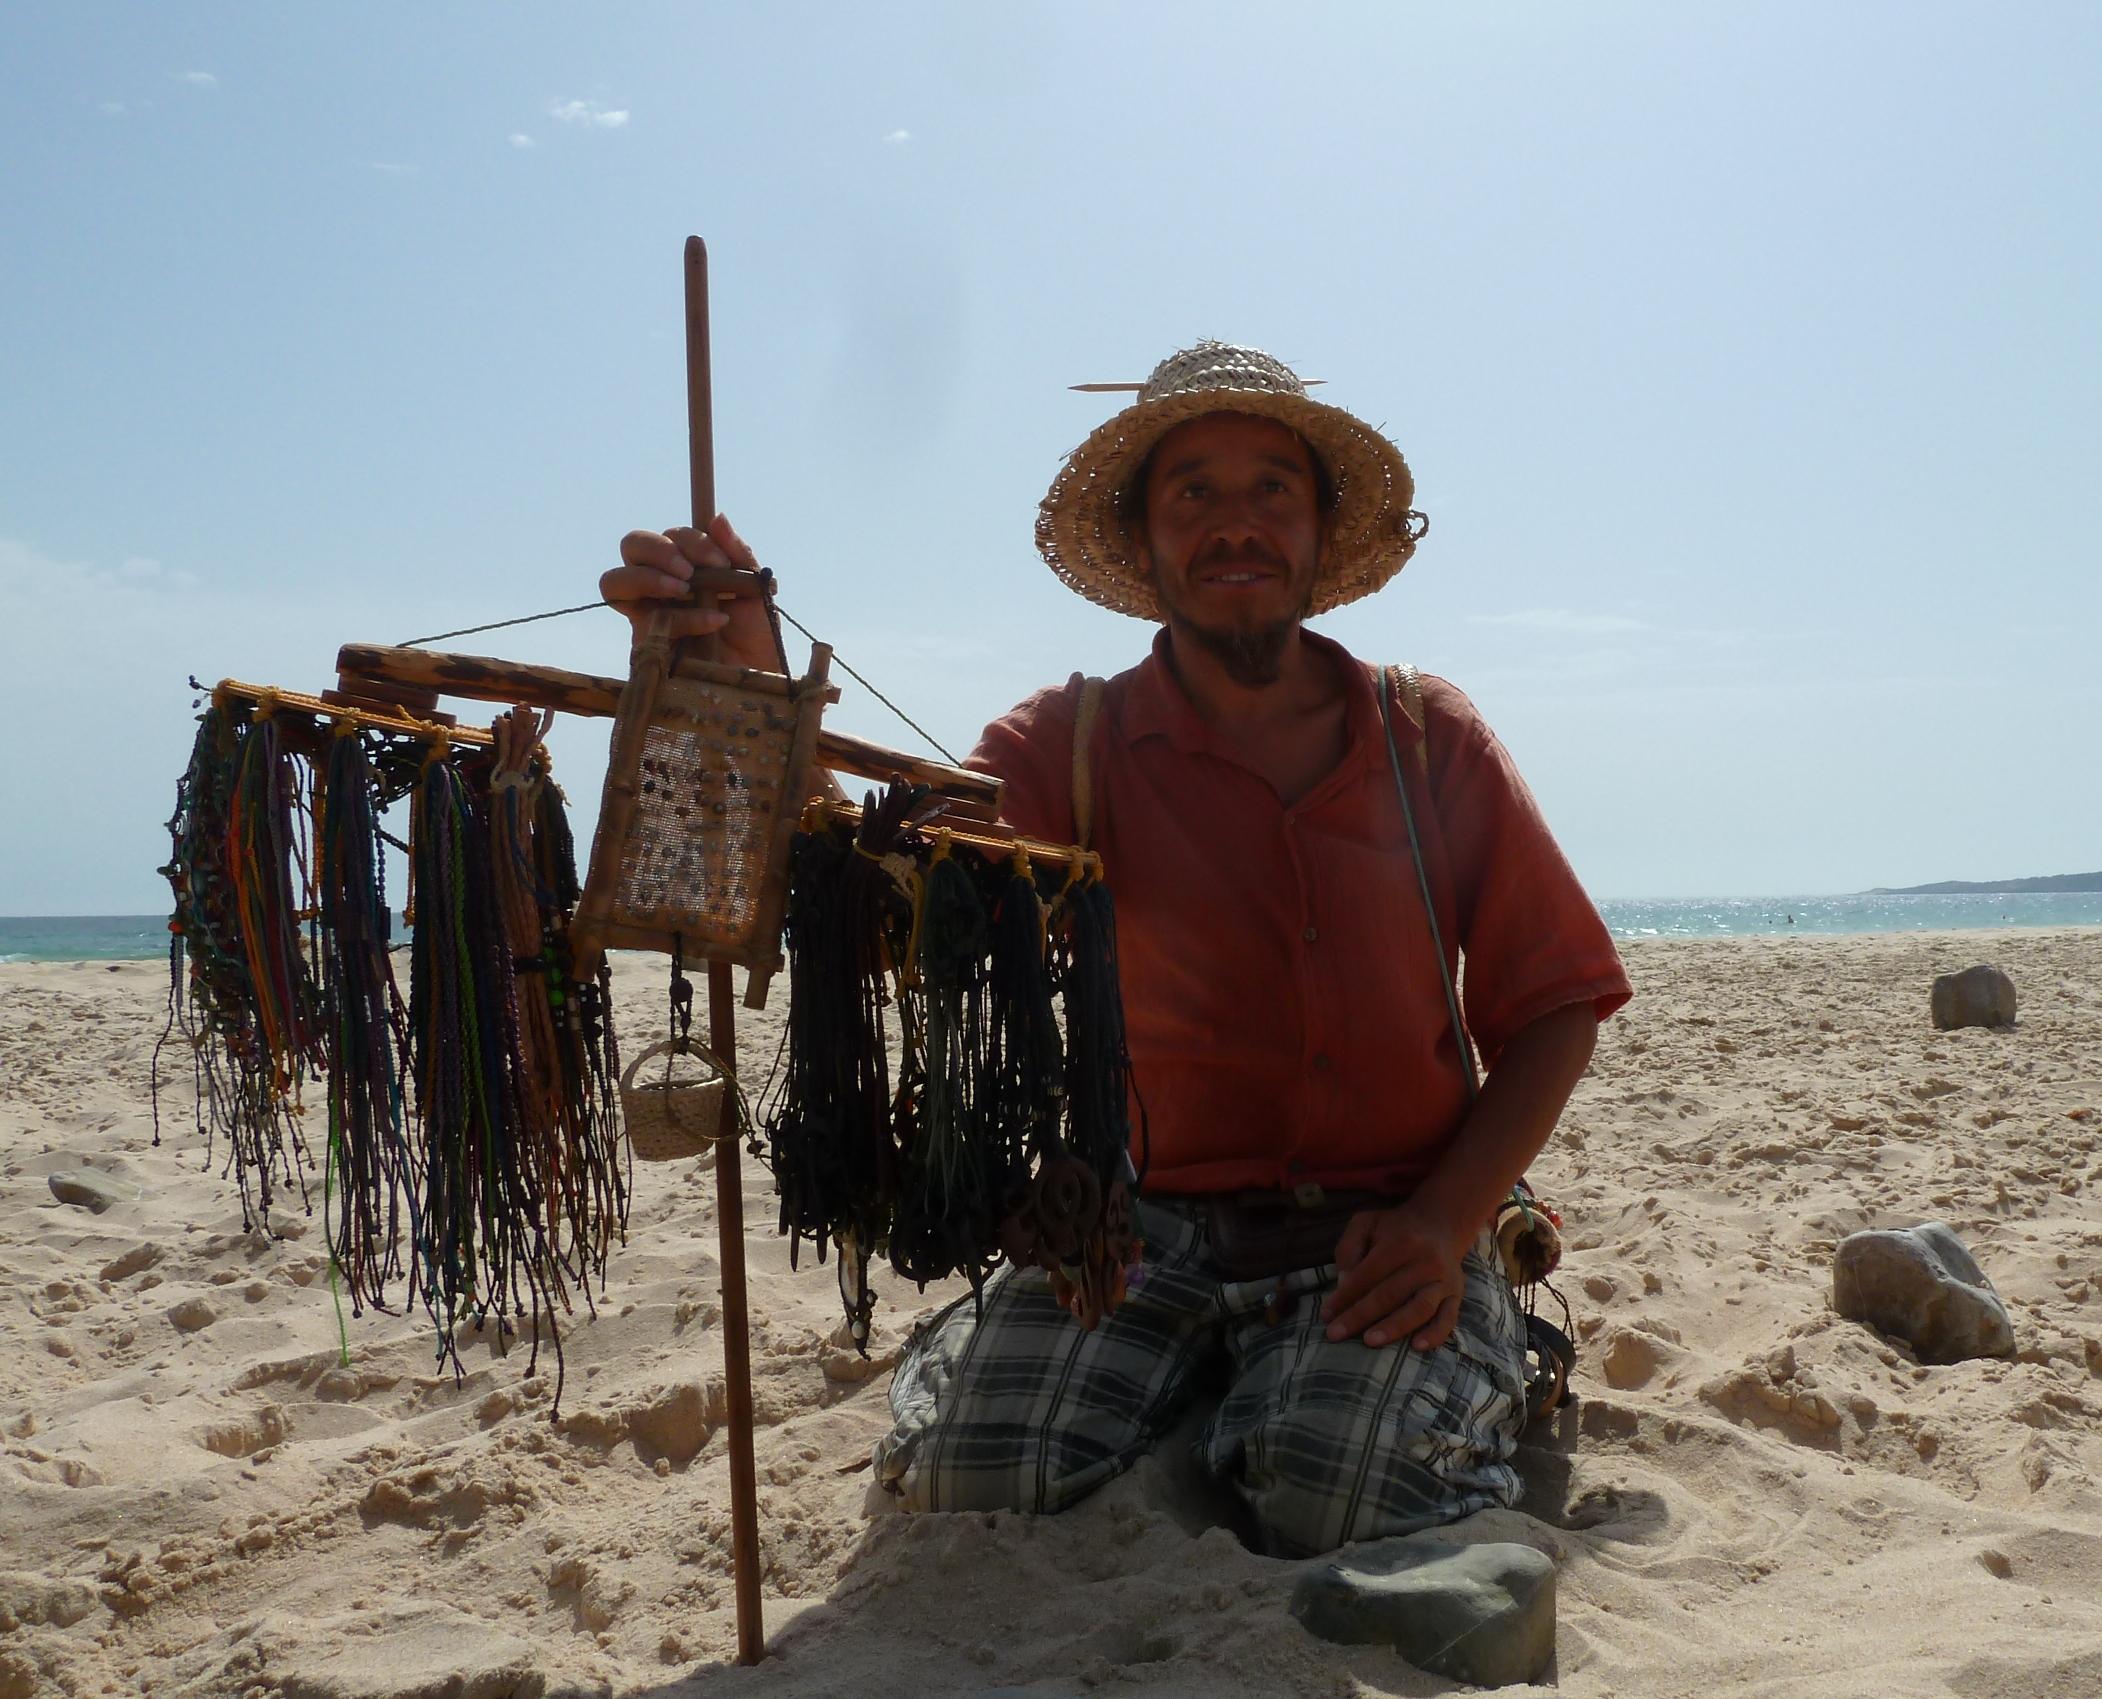 Beach Vendor Bolonia Beach, Tarifa, Cadiz, Andrew Forbes